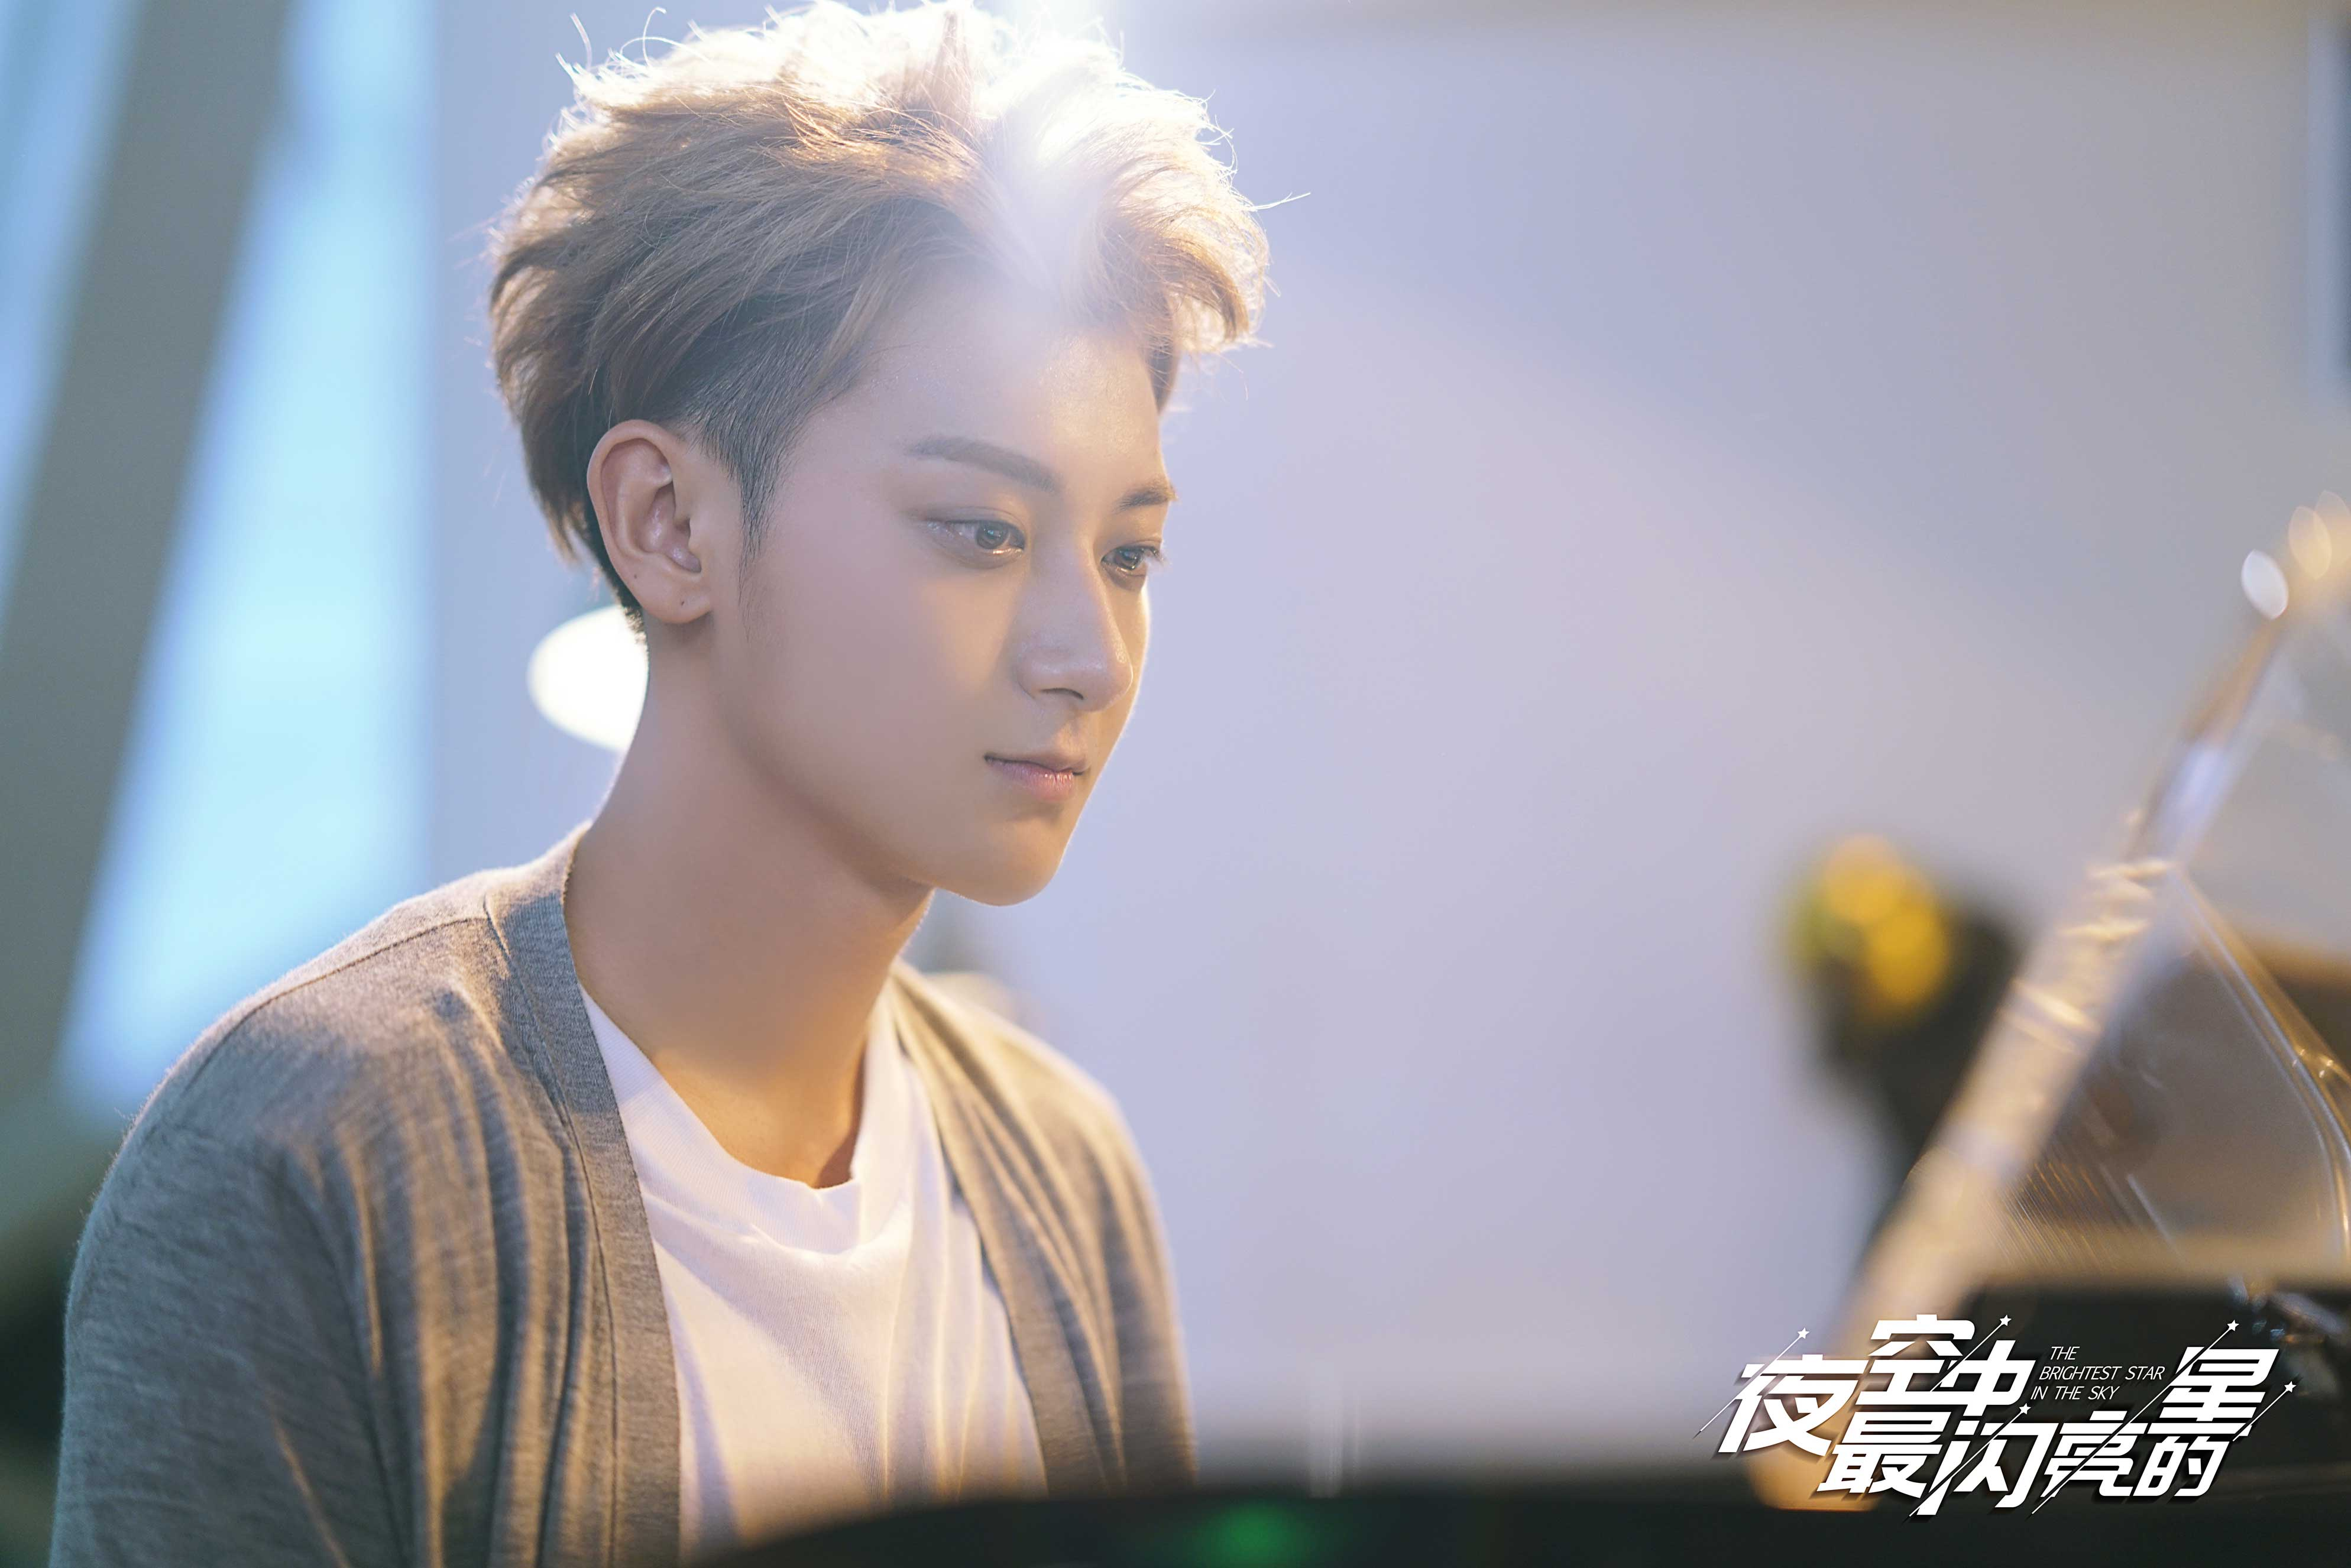 《夜空中最闪亮的星》发预告 黄子韬吴倩演绎励志青春